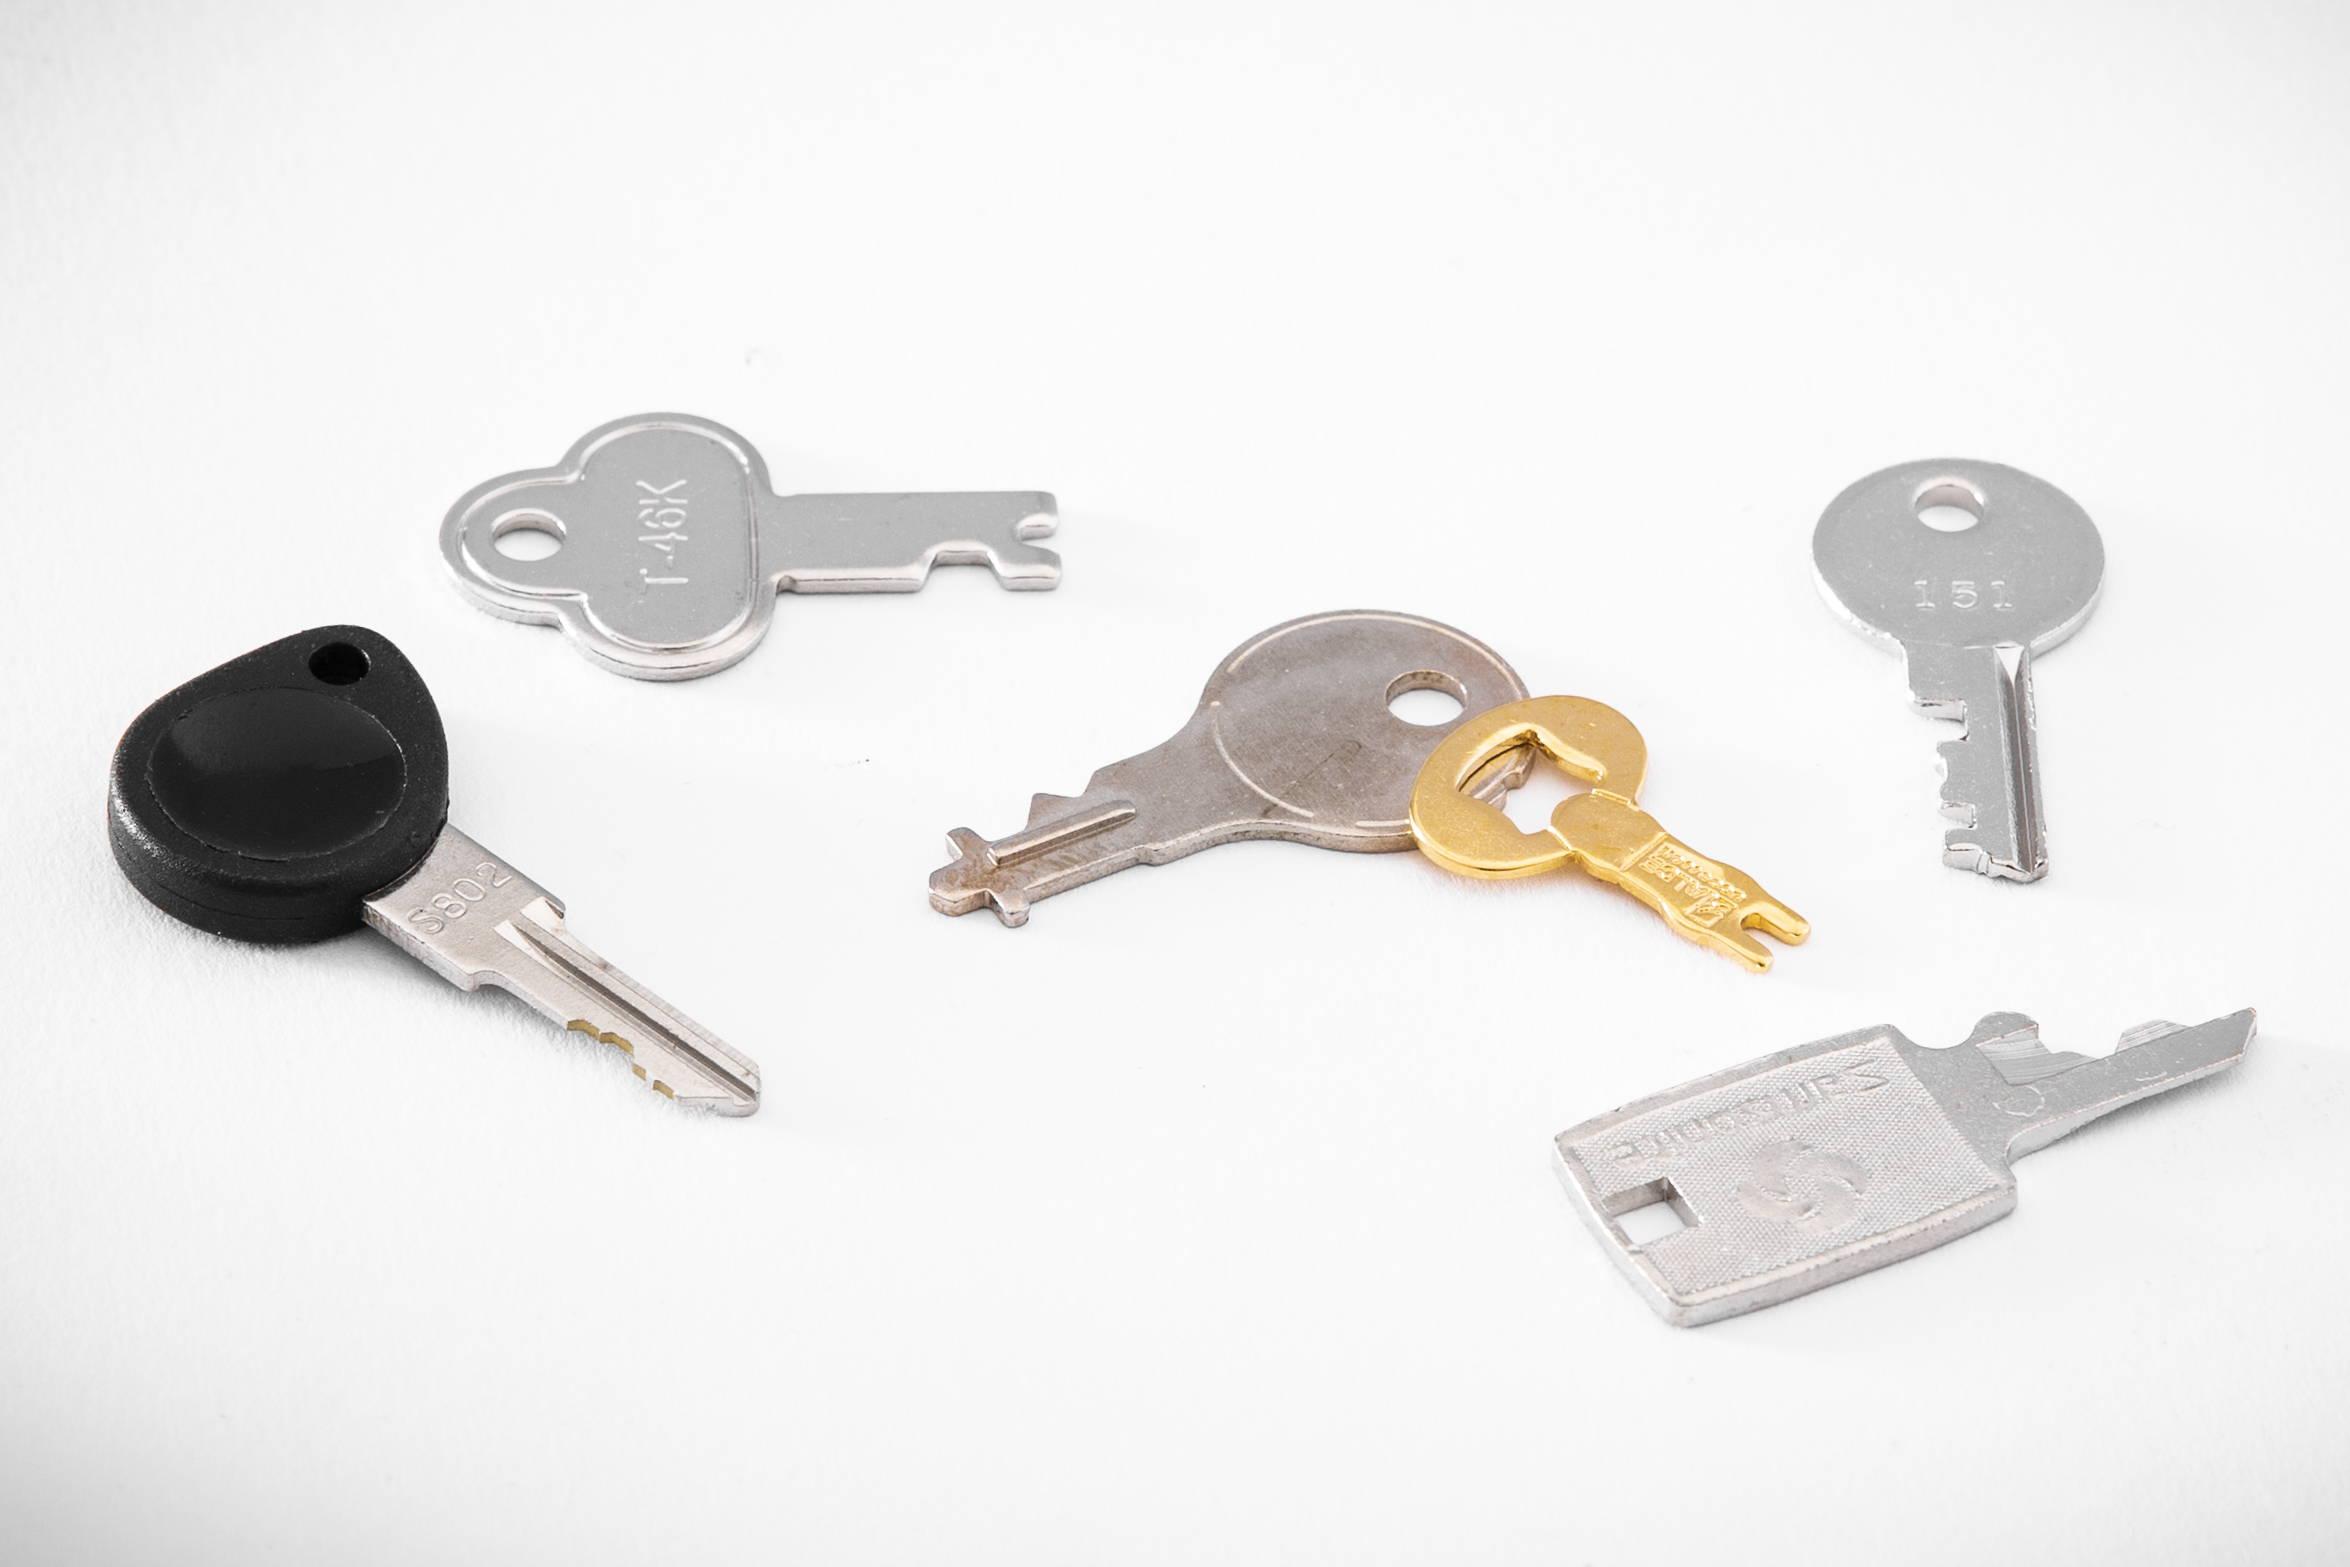 luggage keys